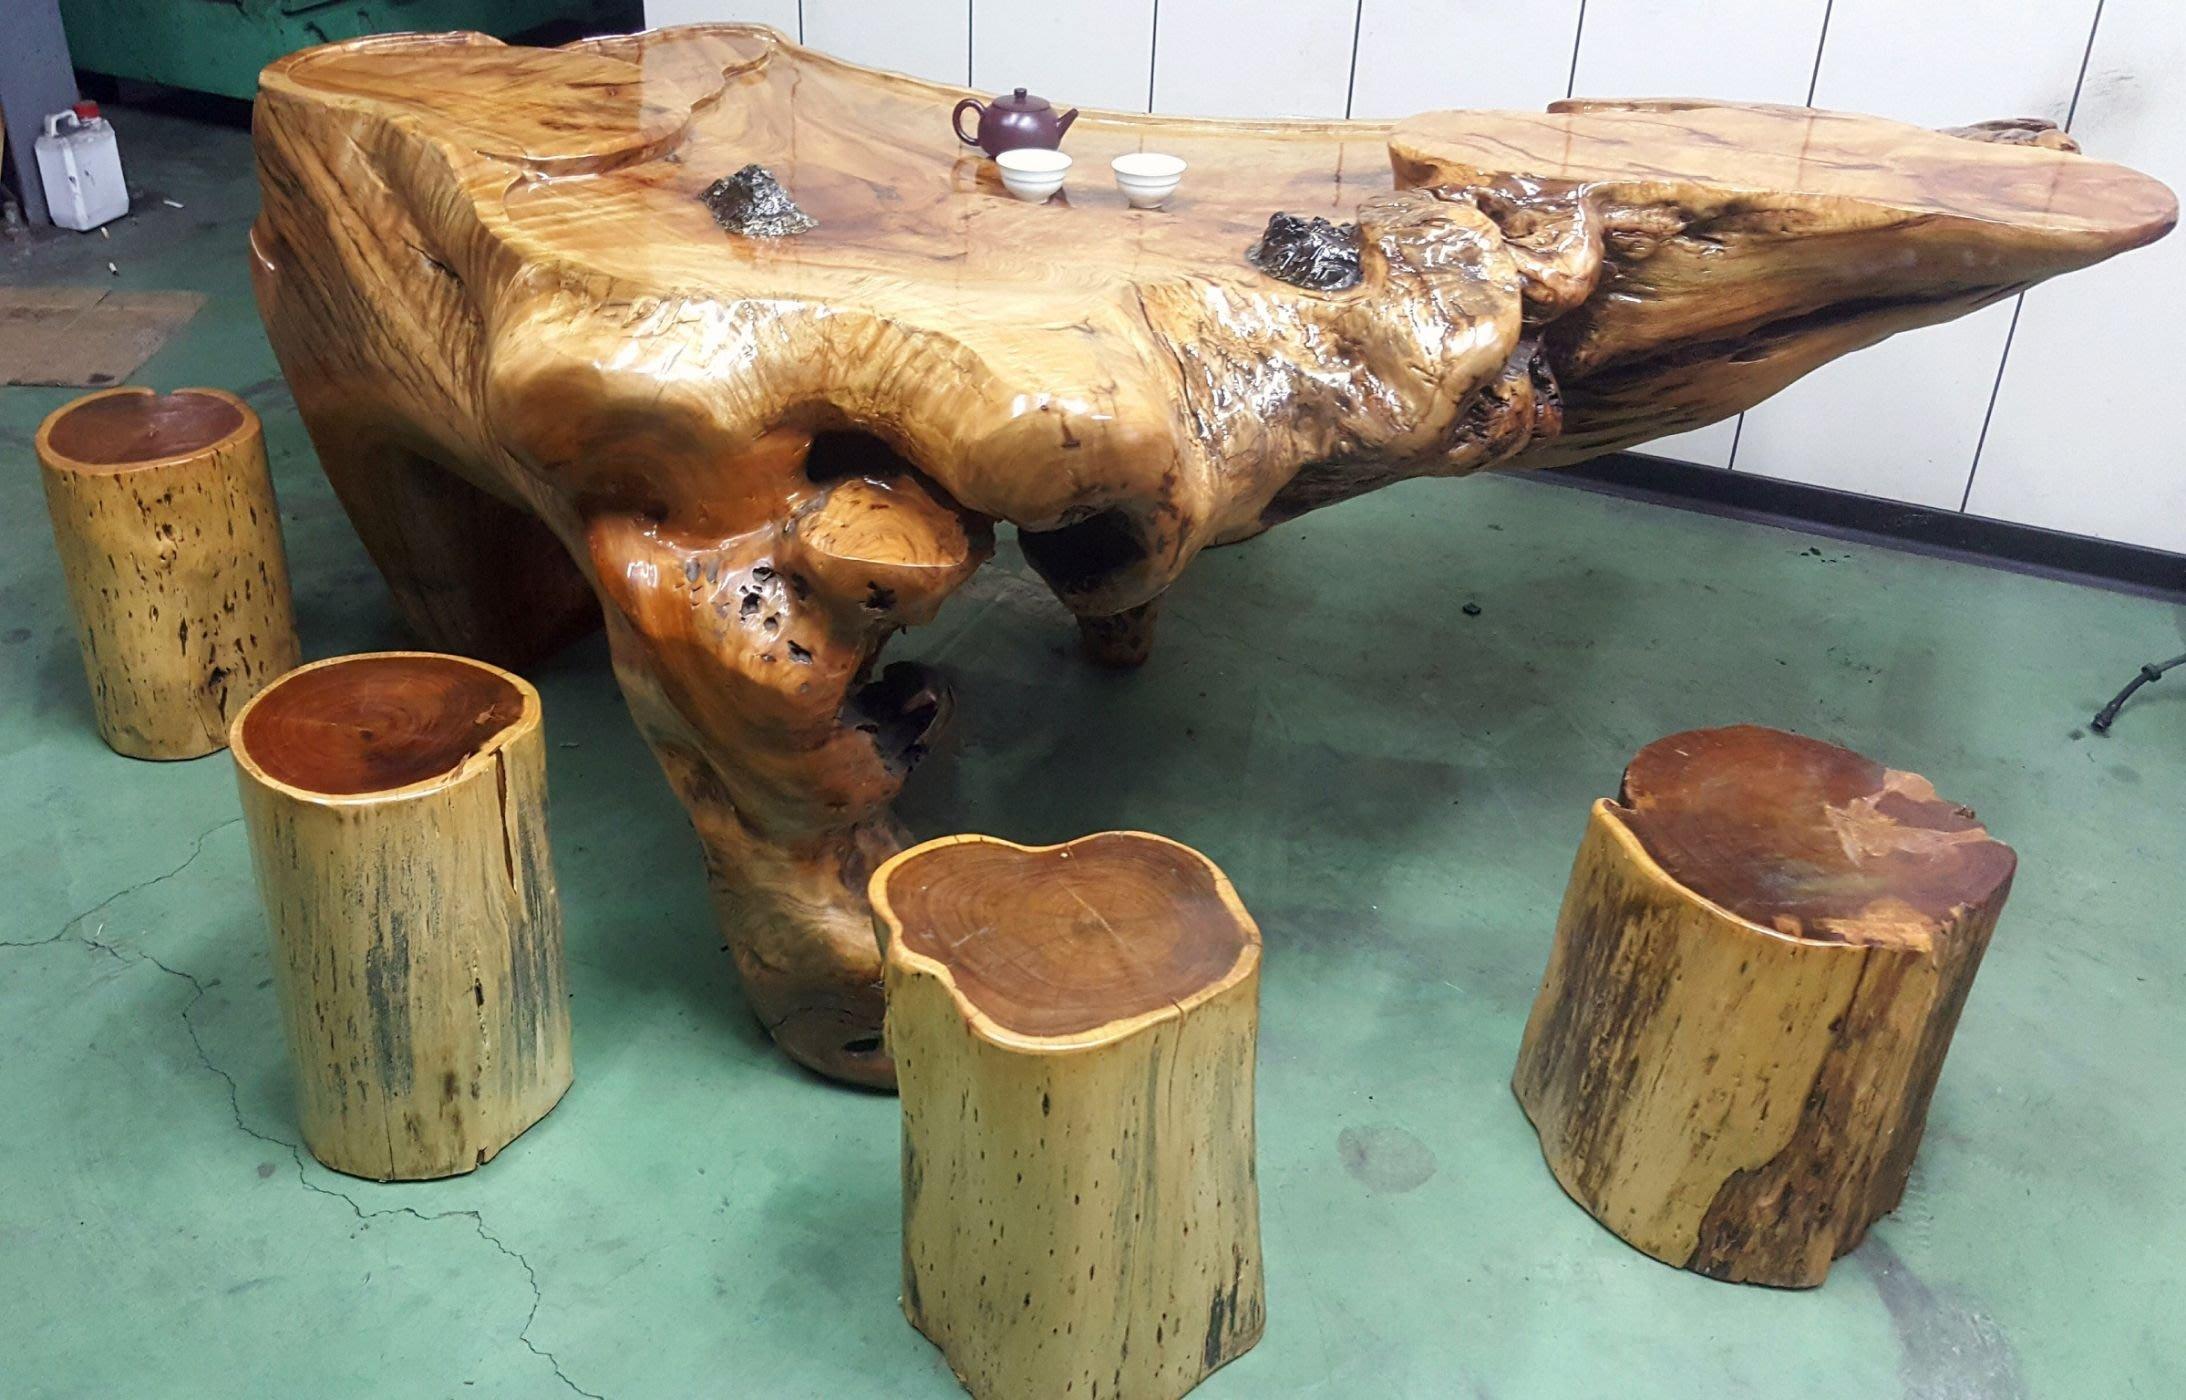 全新台灣牛樟原木泡茶桌香氣馥郁贈五張原木椅可議價。可面交